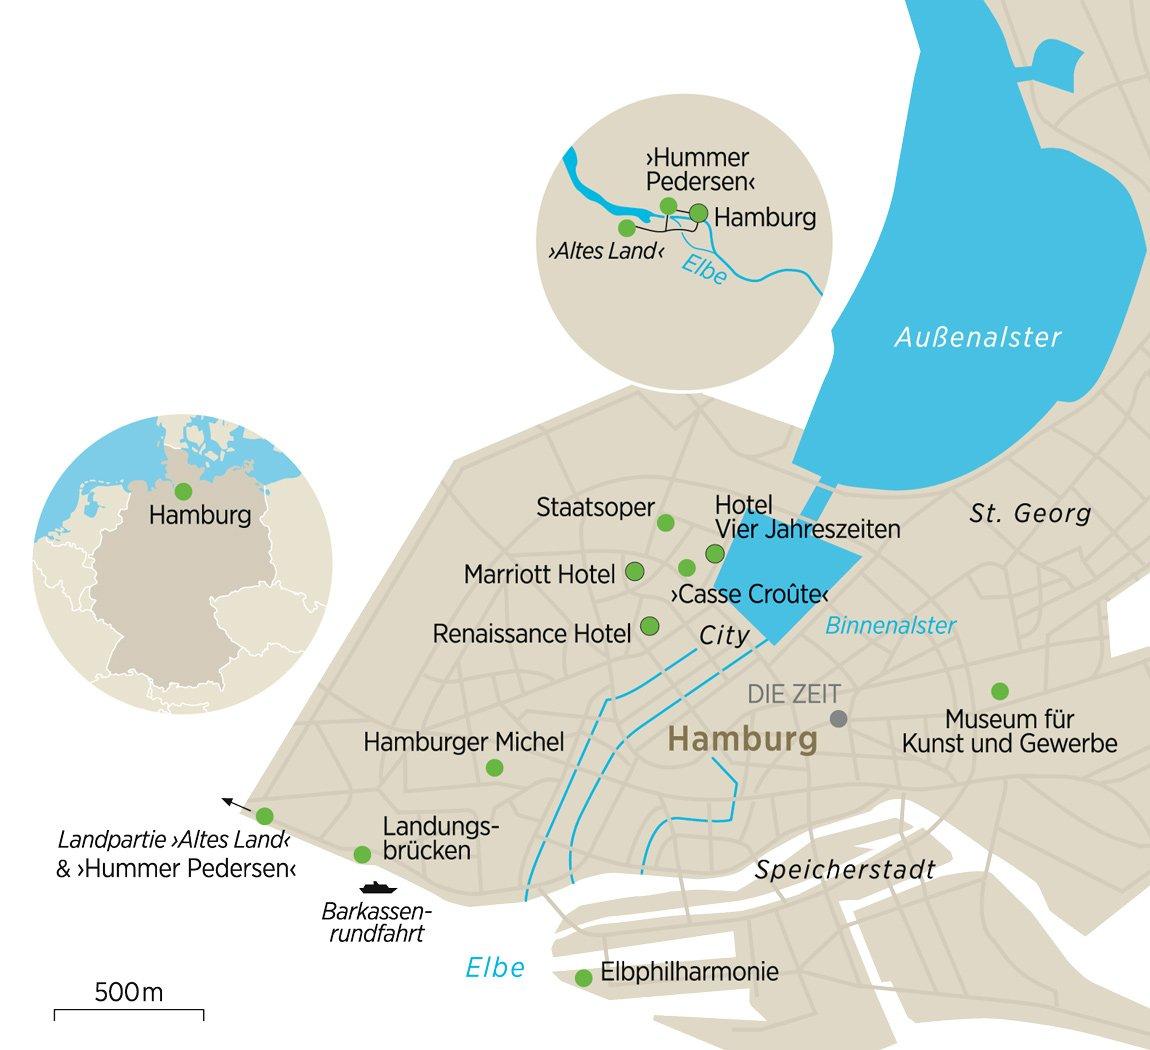 Hamburg Neu Entdecken Mit Der Elbphilharmonie Zeit Reisen